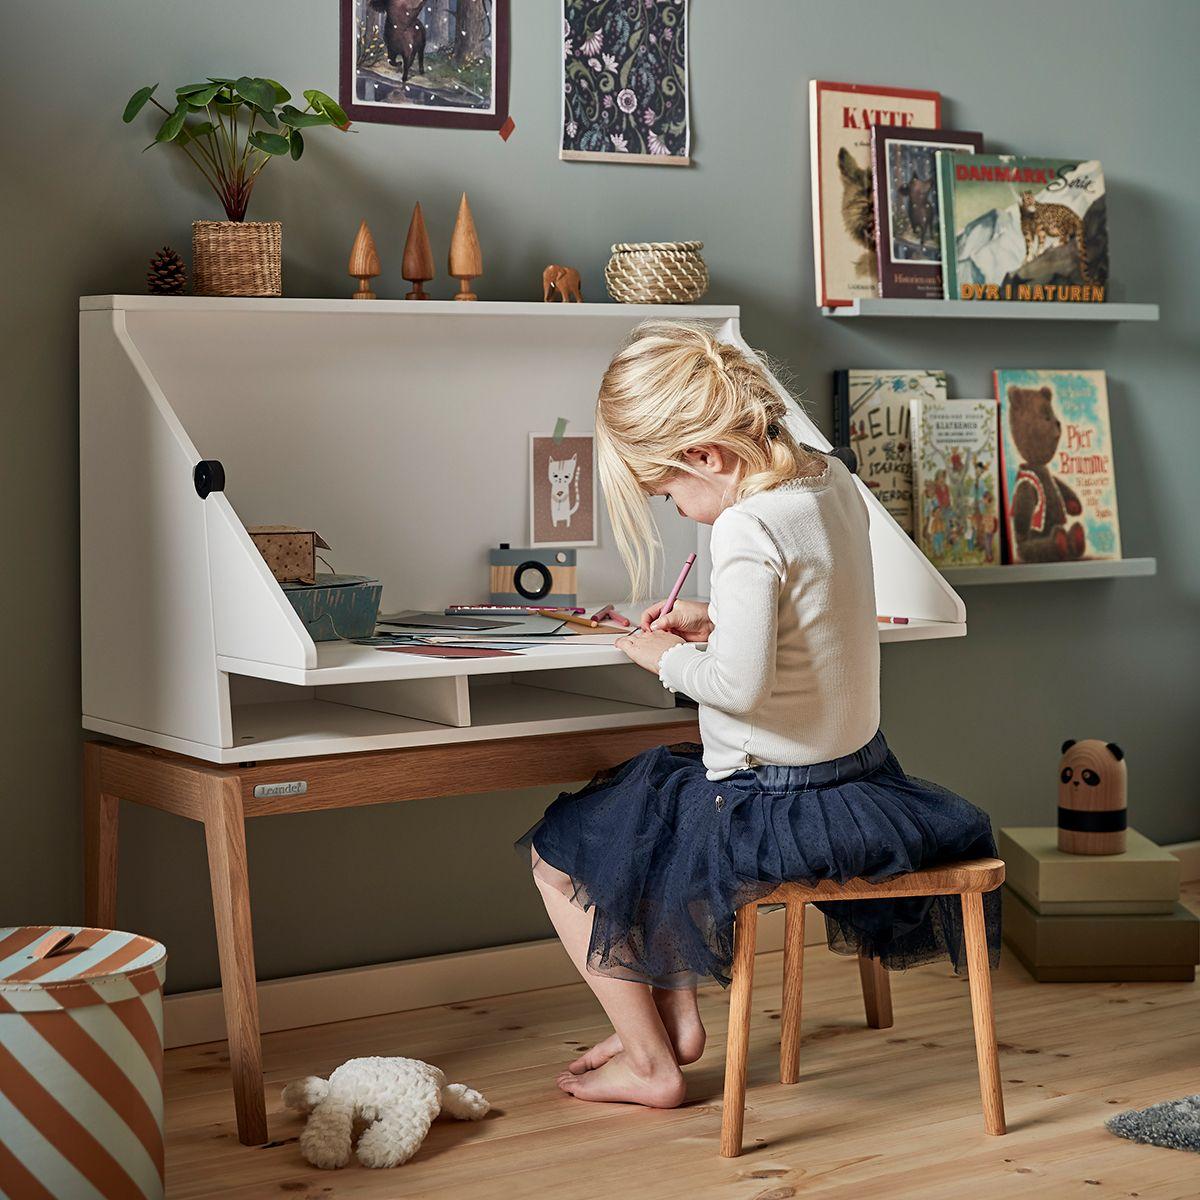 Leander Luna Schreibpult in Berlin kaufen - Kleine Fabriek